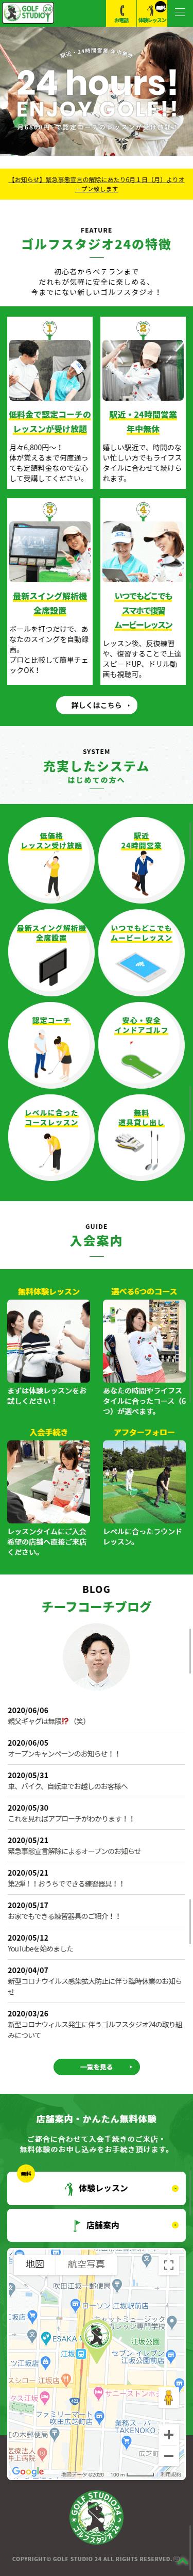 吹田市 ゴルフスタジオ24 ホームページ制作 3